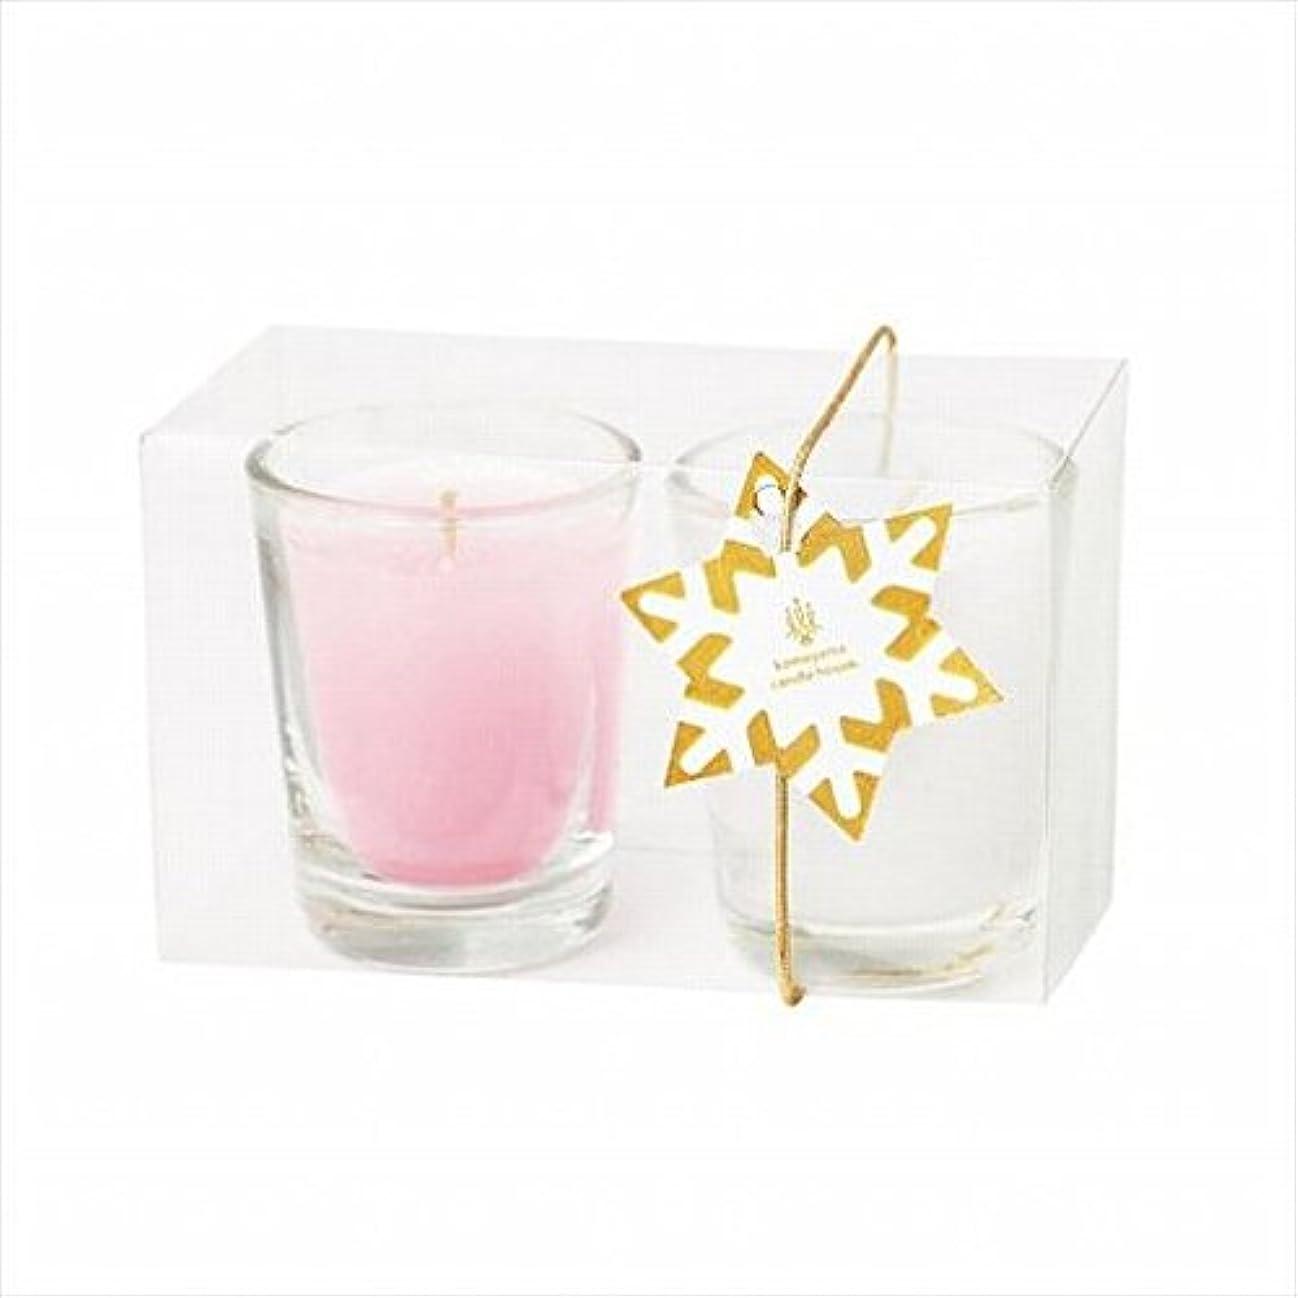 考慮スチールセメントkameyama candle(カメヤマキャンドル) ミニライト2個入り 「 ホワイト&ピンク 」(A9570020)